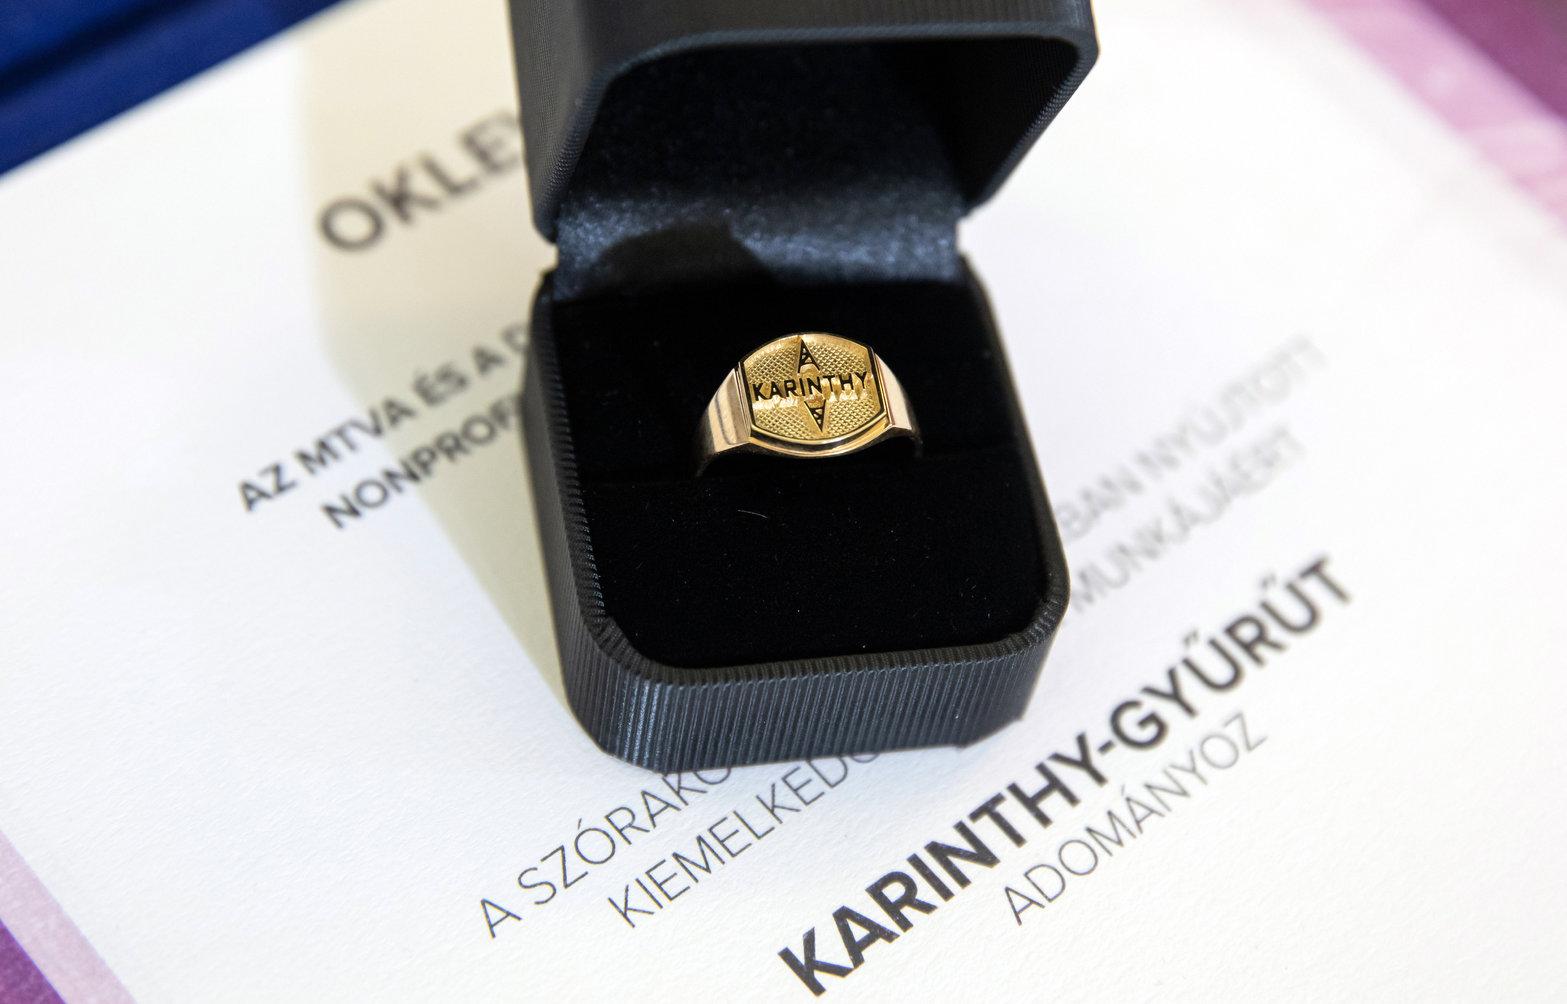 A Karinthy-gyűrű, melyet idén (2019-ben) Bagi Iván és Nacsa Olivér humoristák kaptak. (Fotó: MTI/Mohai Balázs)